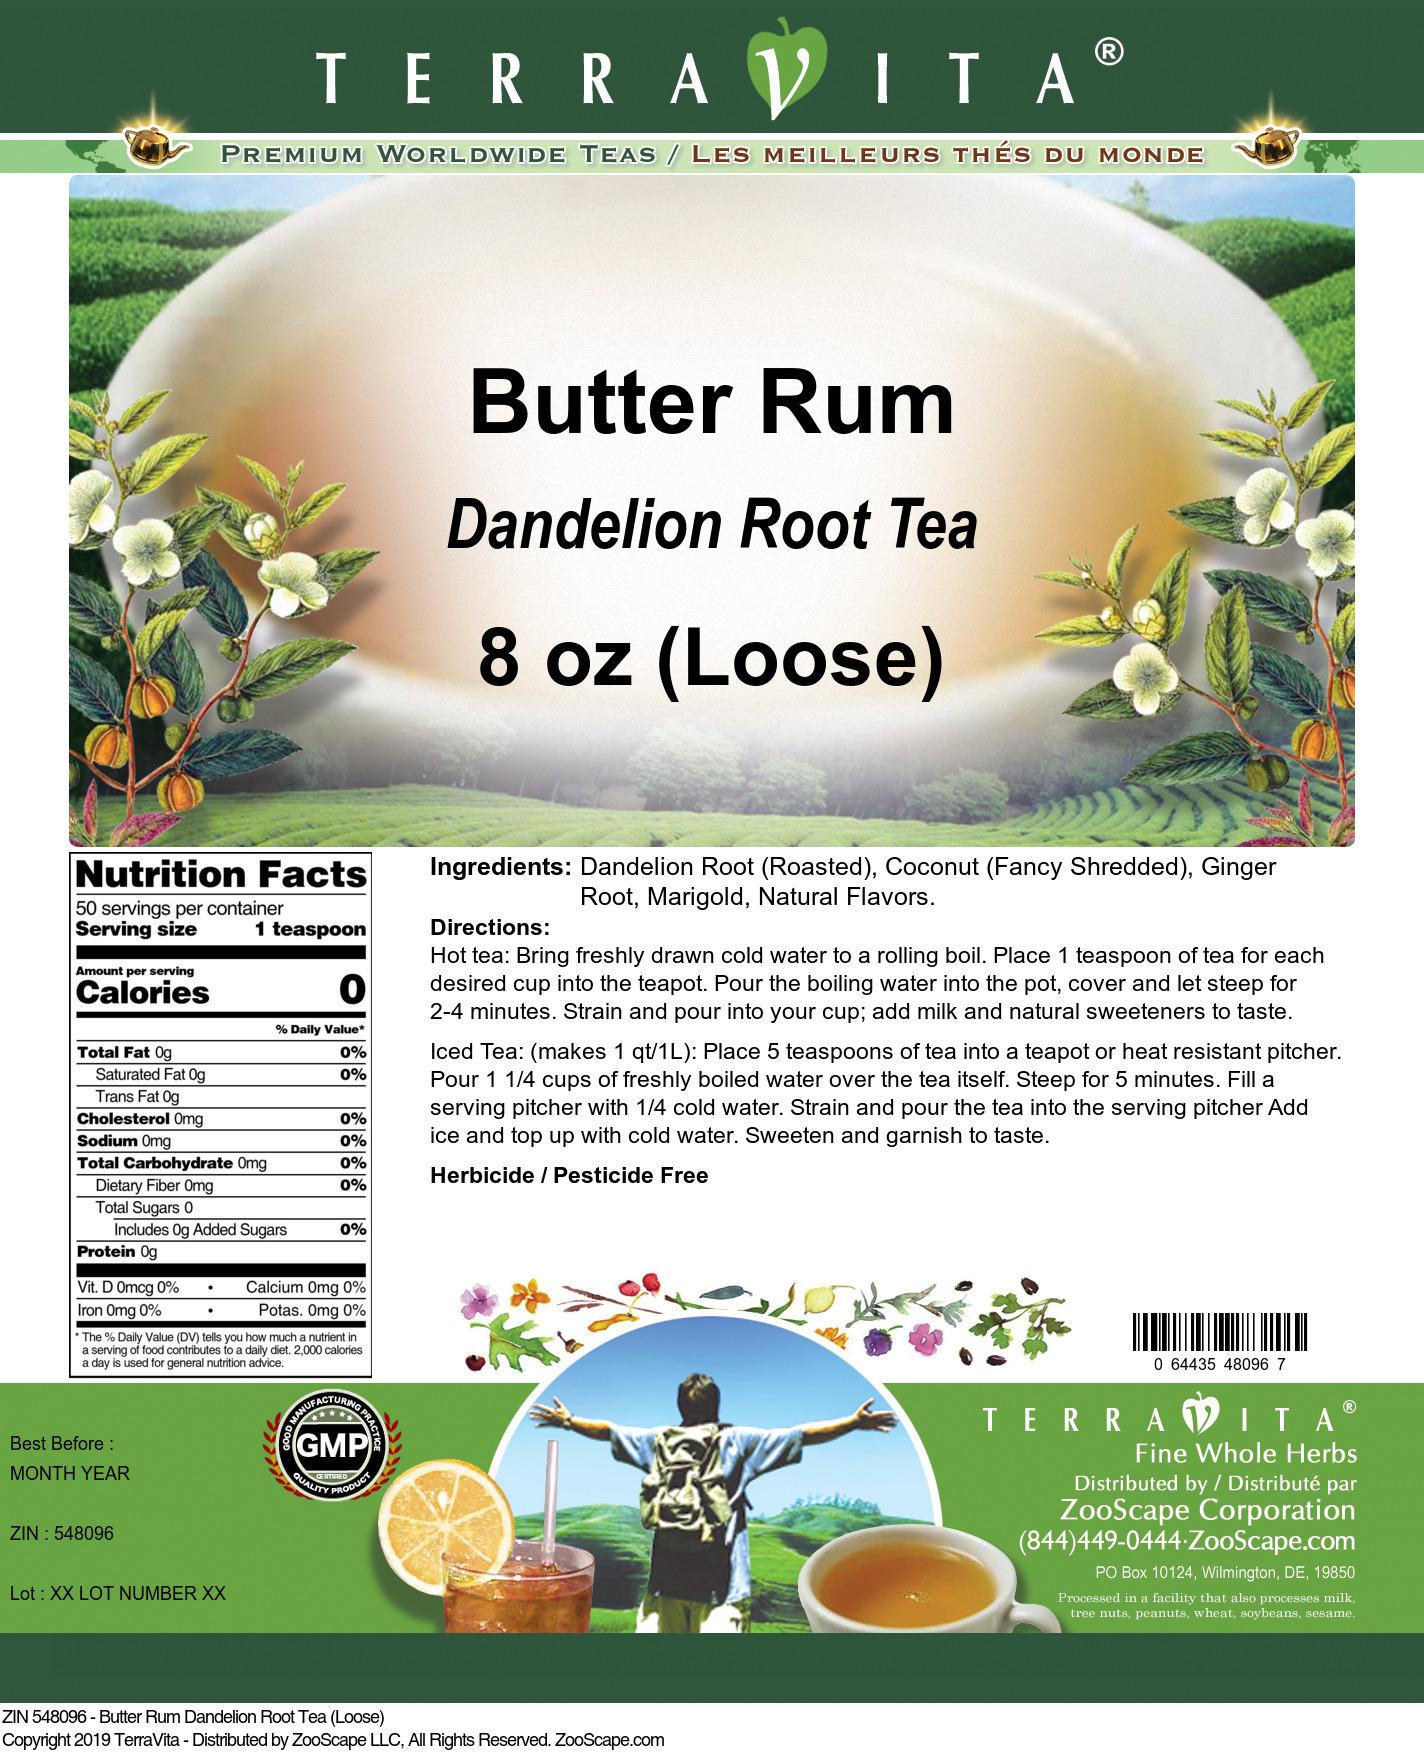 Butter Rum Dandelion Root Tea (Loose)